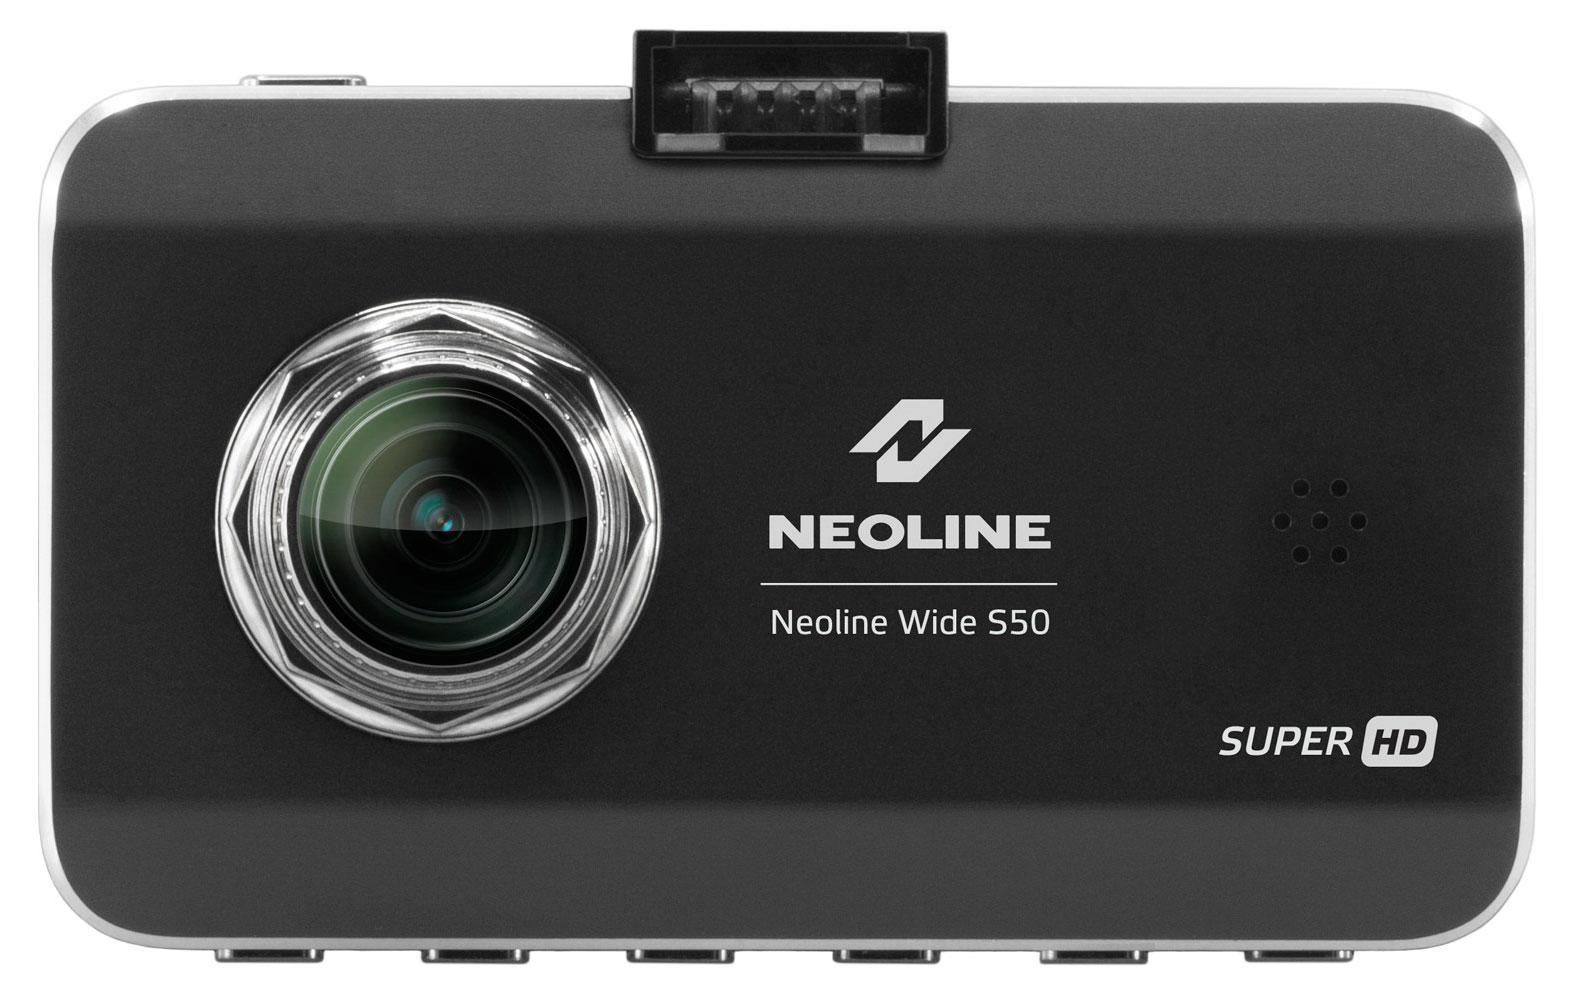 Neoline Wide S50, Black видеорегистраторWide S50Neoline Wide S50 оснащен самым мощным на сегодняшний день процессором Ambarella A7LA50 и самой совершенной матрицей для портативных изделий OV4689 c разрешением 4 мегапикселя, состоящей из 7 стеклянных линз. Эта техническая база позволяет видеорегистратору Neoline Wide S50 снимать видео с разрешением SuperHD 2304x1296 при 30 кадрах в секунду и получать максимально качественную картинку и в дневное, и в ночное время. Благодаря широкому углу обзора - 145o, видеорегистратор Neoline Wide S50 охватывает все 5 полос дорожного полотна, при этом не искажая картинку. Видеорегистратор Neoline Wide S50 зафиксирует действительно все, что происходит на дороге. В штатном креплении на стекло реализована возможность зарядки видеорегистратора через MiniUSB разъем. Это очень удобно, потому что Neoline Wide S50 одним движением легко снимается и одновременно отключается от питания. Видеорегистратор так же легко поворачивается в салон без прерывания записи. Neoline Wide S50 оснащен функцией WDR – это...